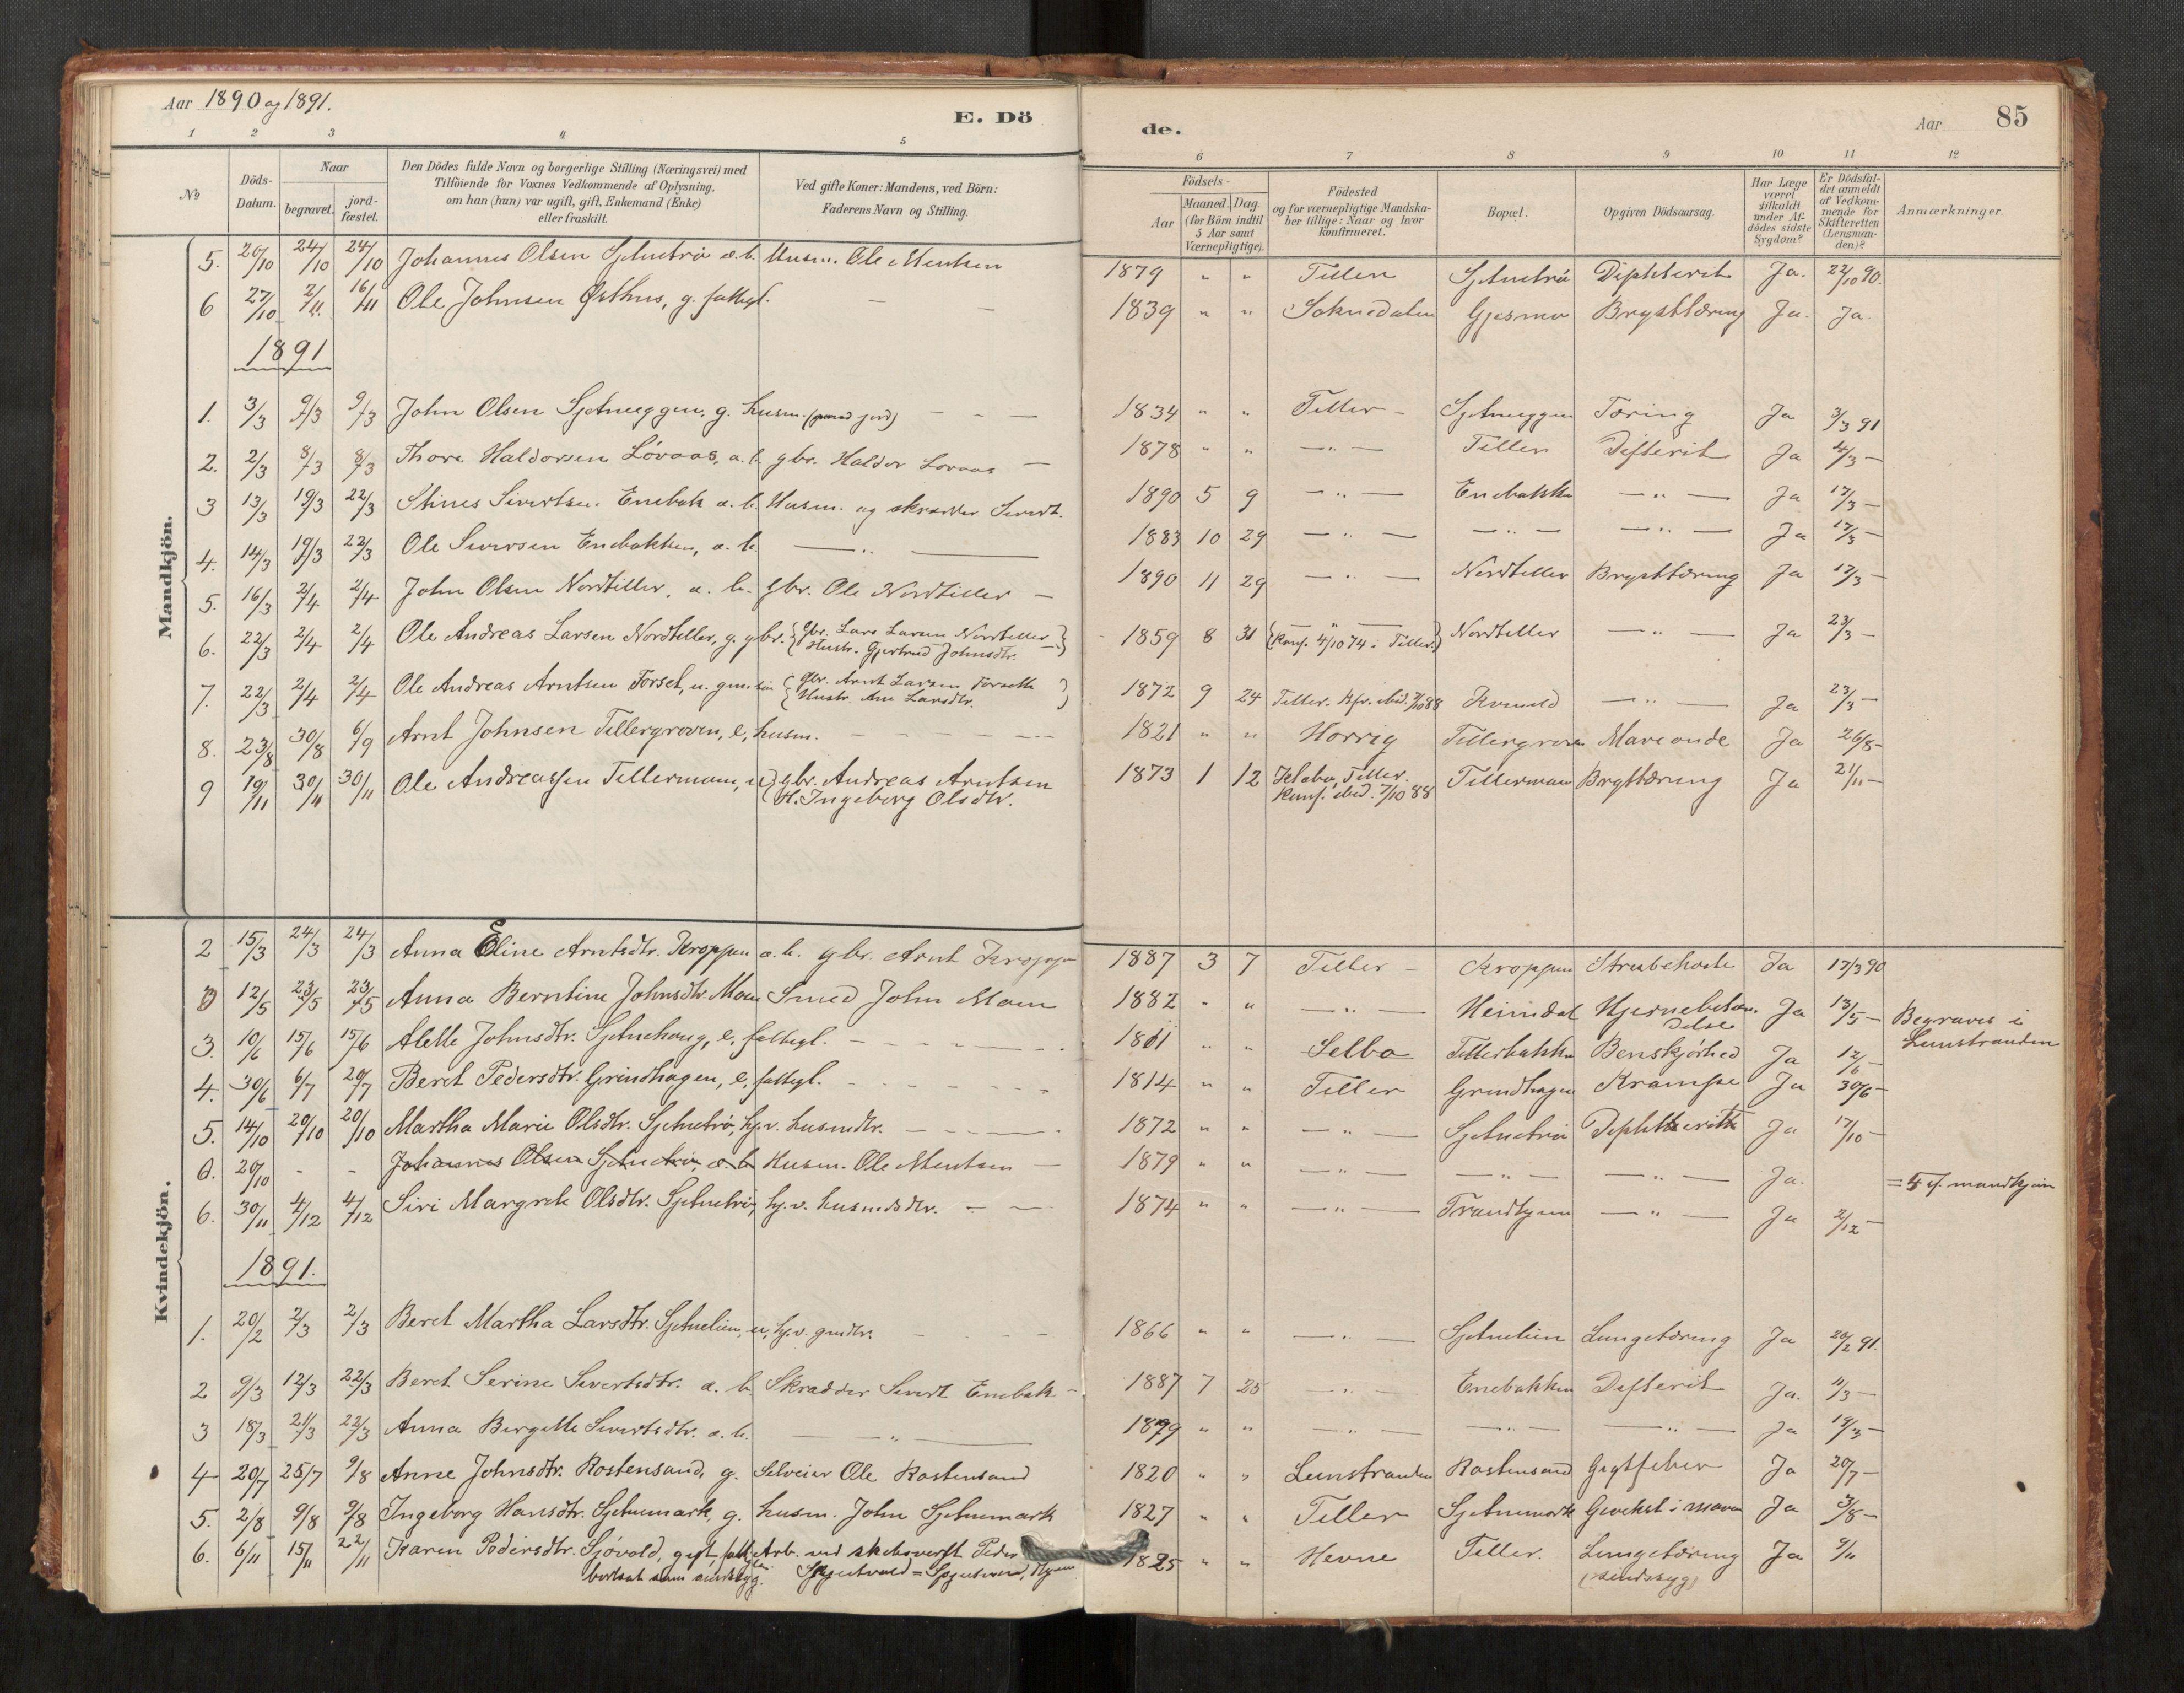 SAT, Klæbu sokneprestkontor, Parish register (official) no. 1, 1880-1900, p. 85